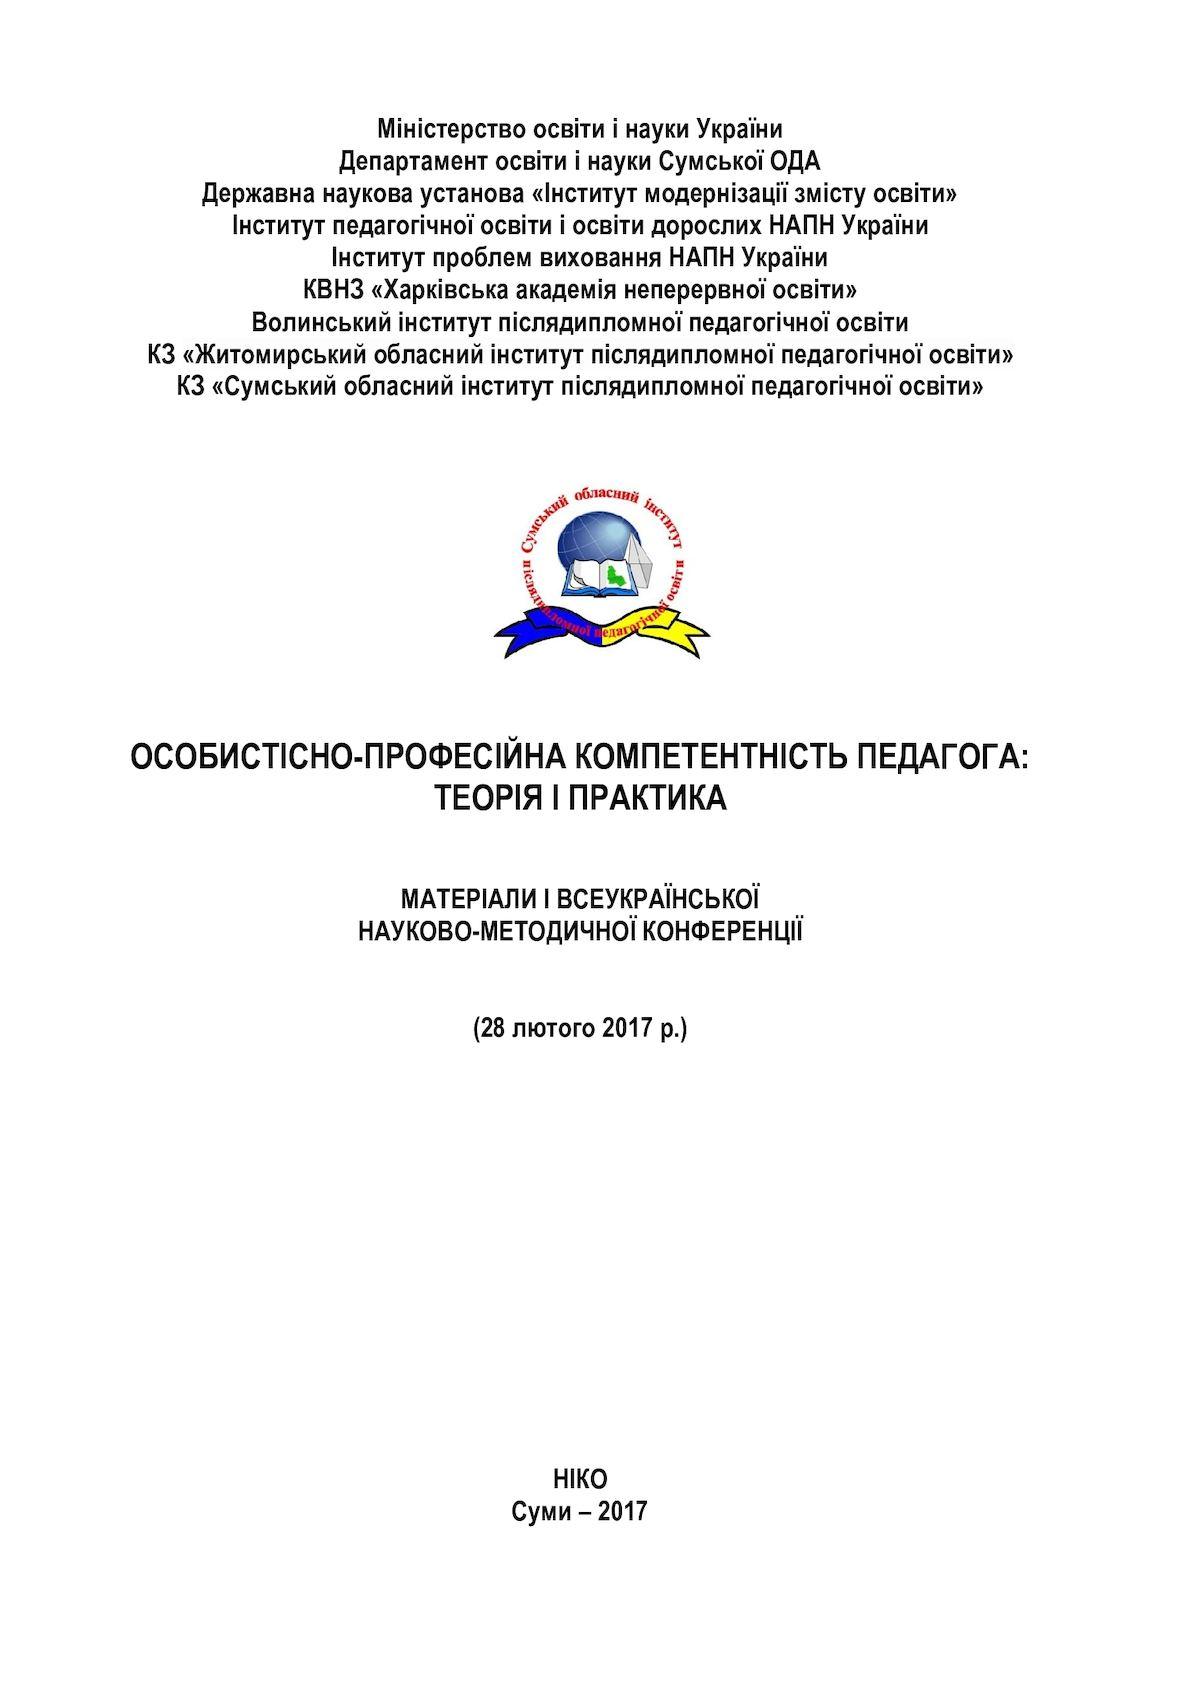 Calaméo - Особистісно-професійна компетентність педагога  теорія і практика    матеріали І Всеукраїнської науково-методичної практичної конференції (28  ... ff47f5c79e438